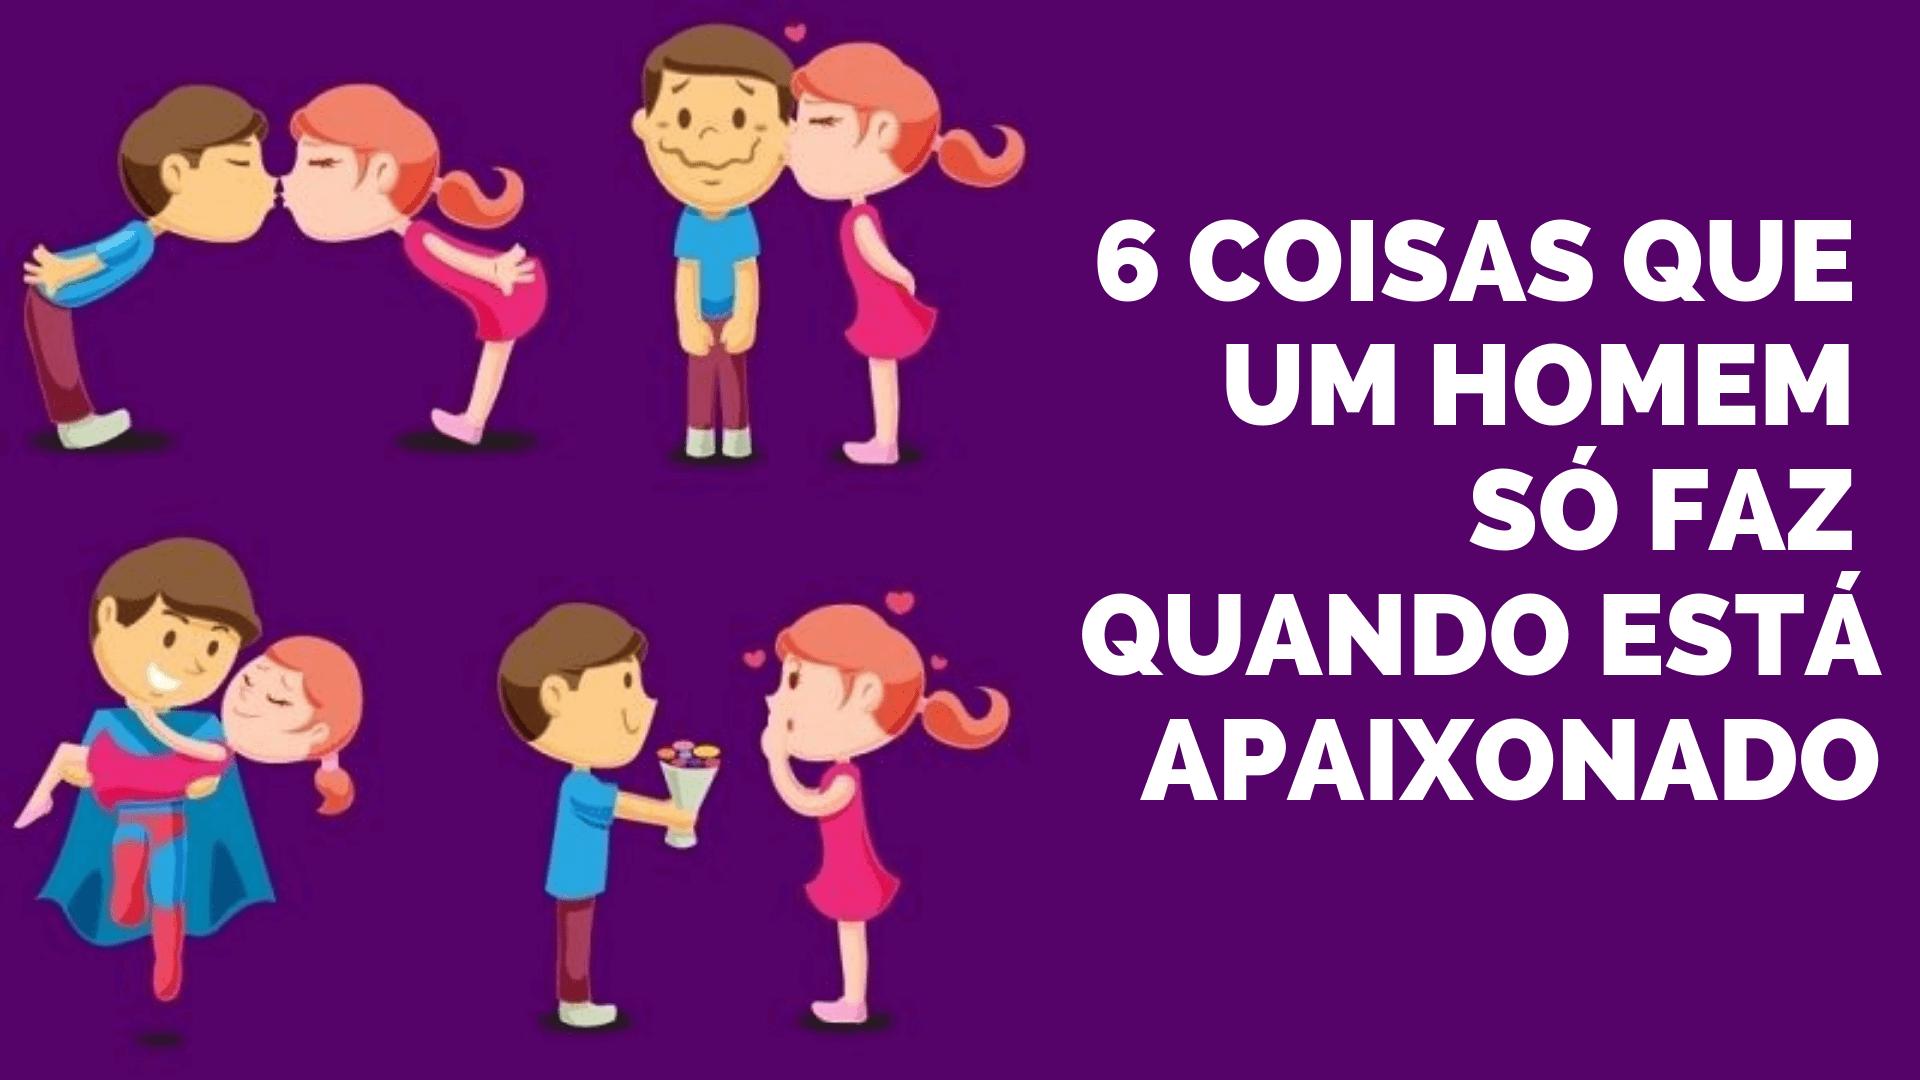 You are currently viewing 6 Coisas Que Um Homem Só Faz Quando Está Apaixonado